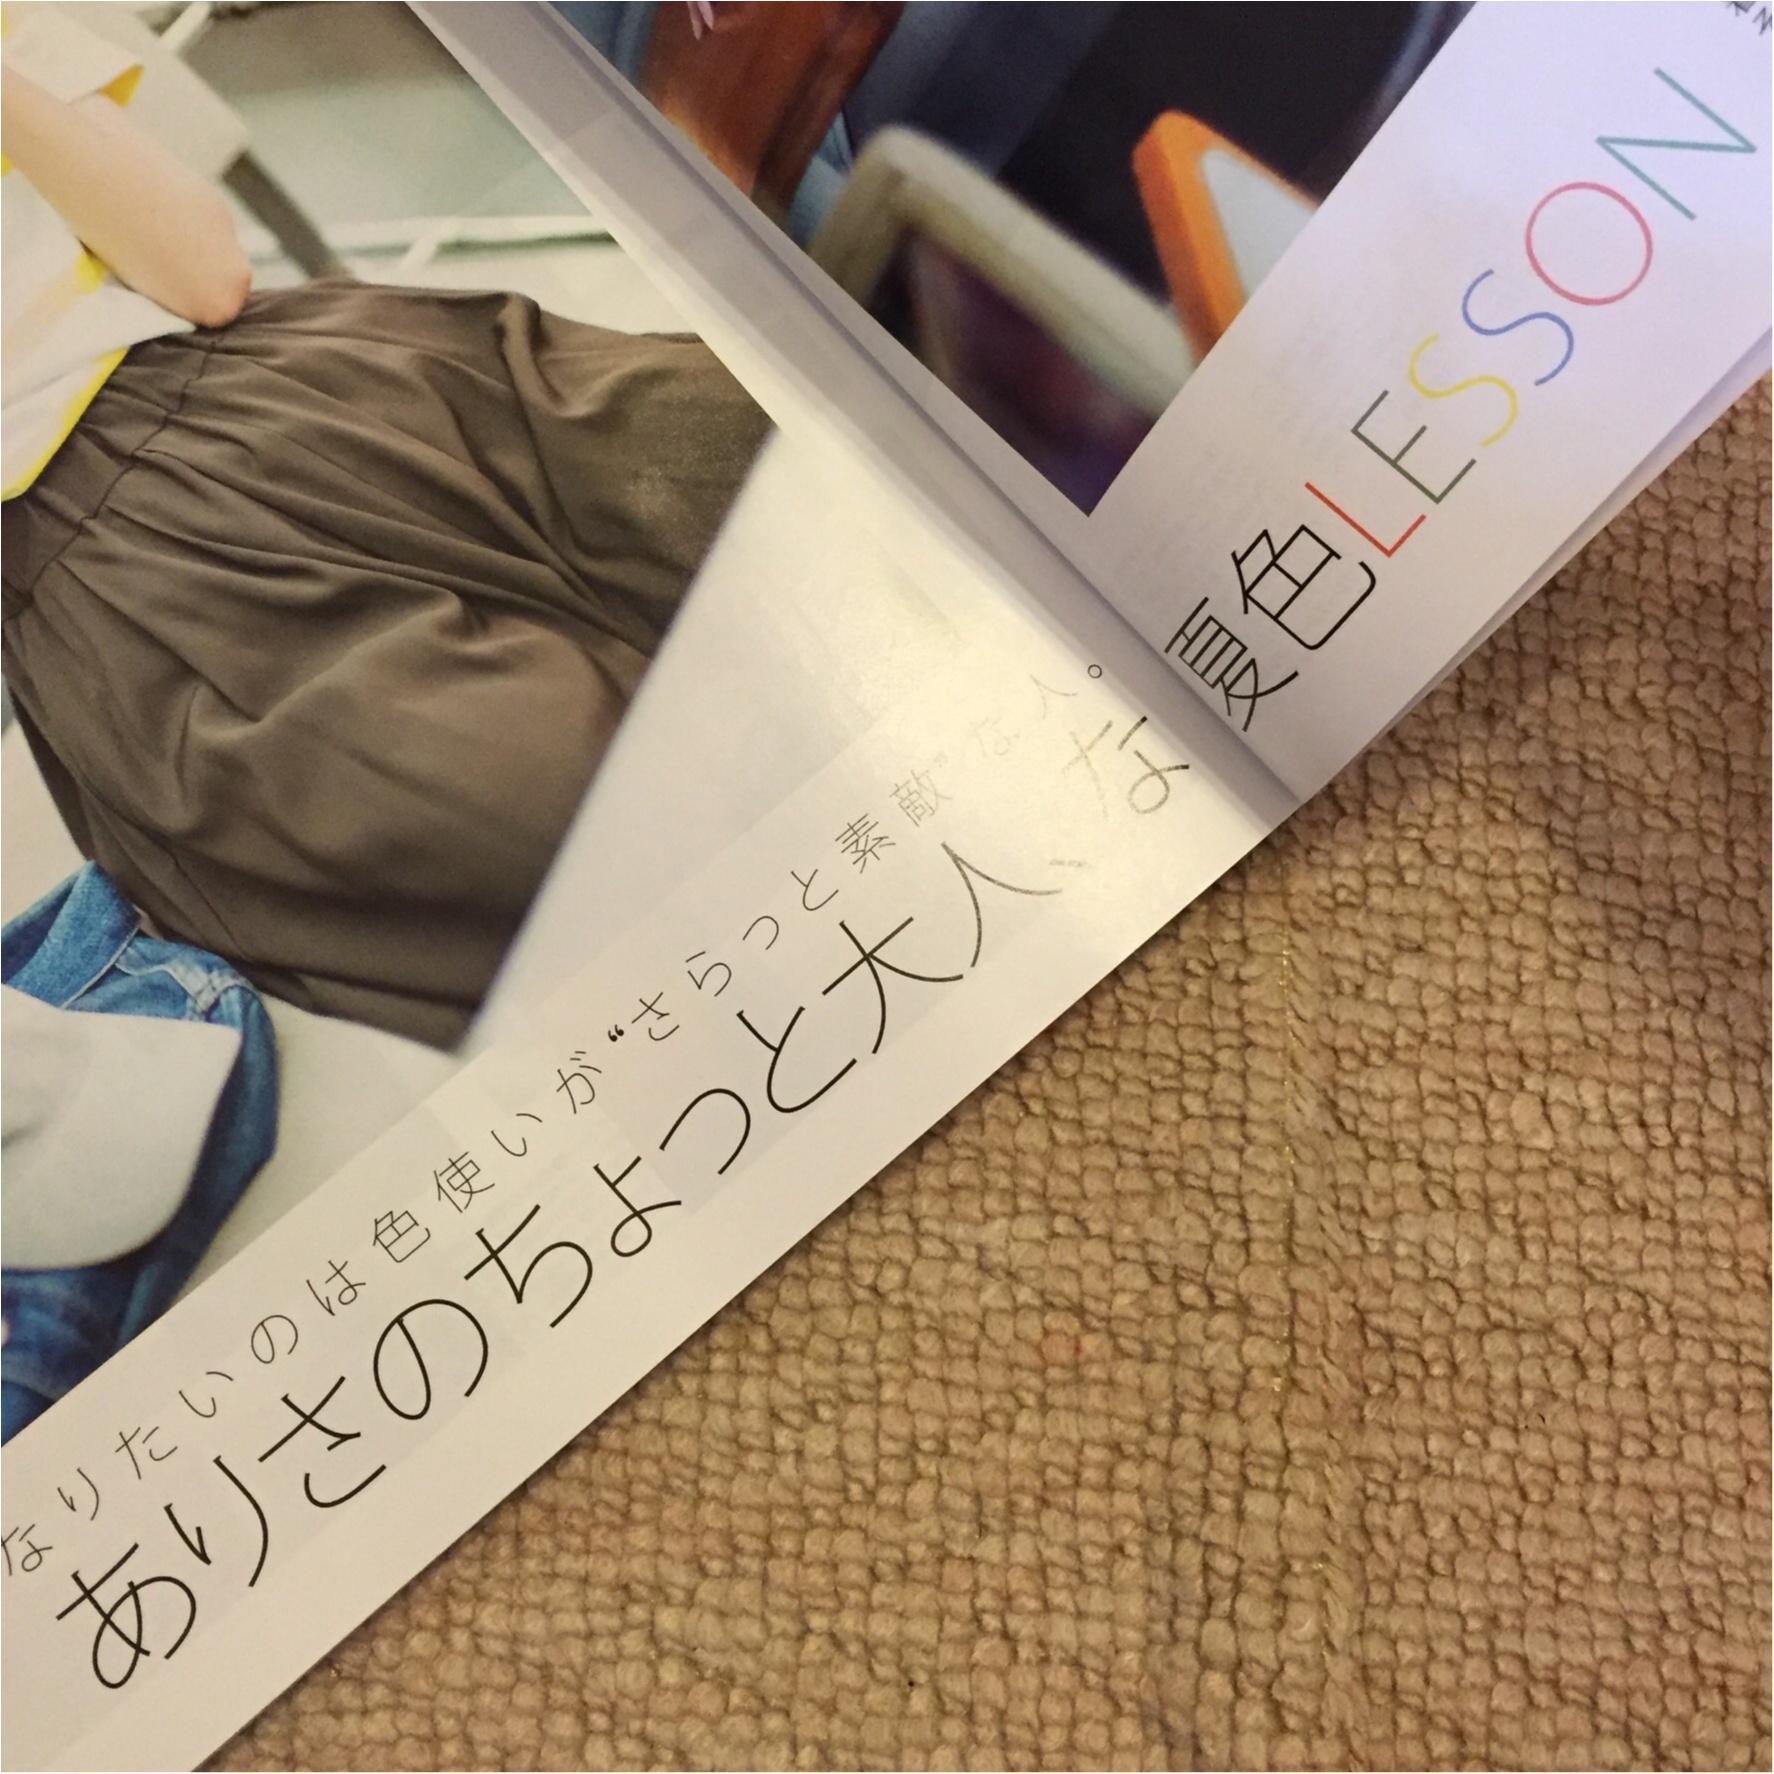 【MORE8月号】発売中♡MOREを読んで、楽しく夏じたくを始めちゃおっ♩≪samenyan≫_11